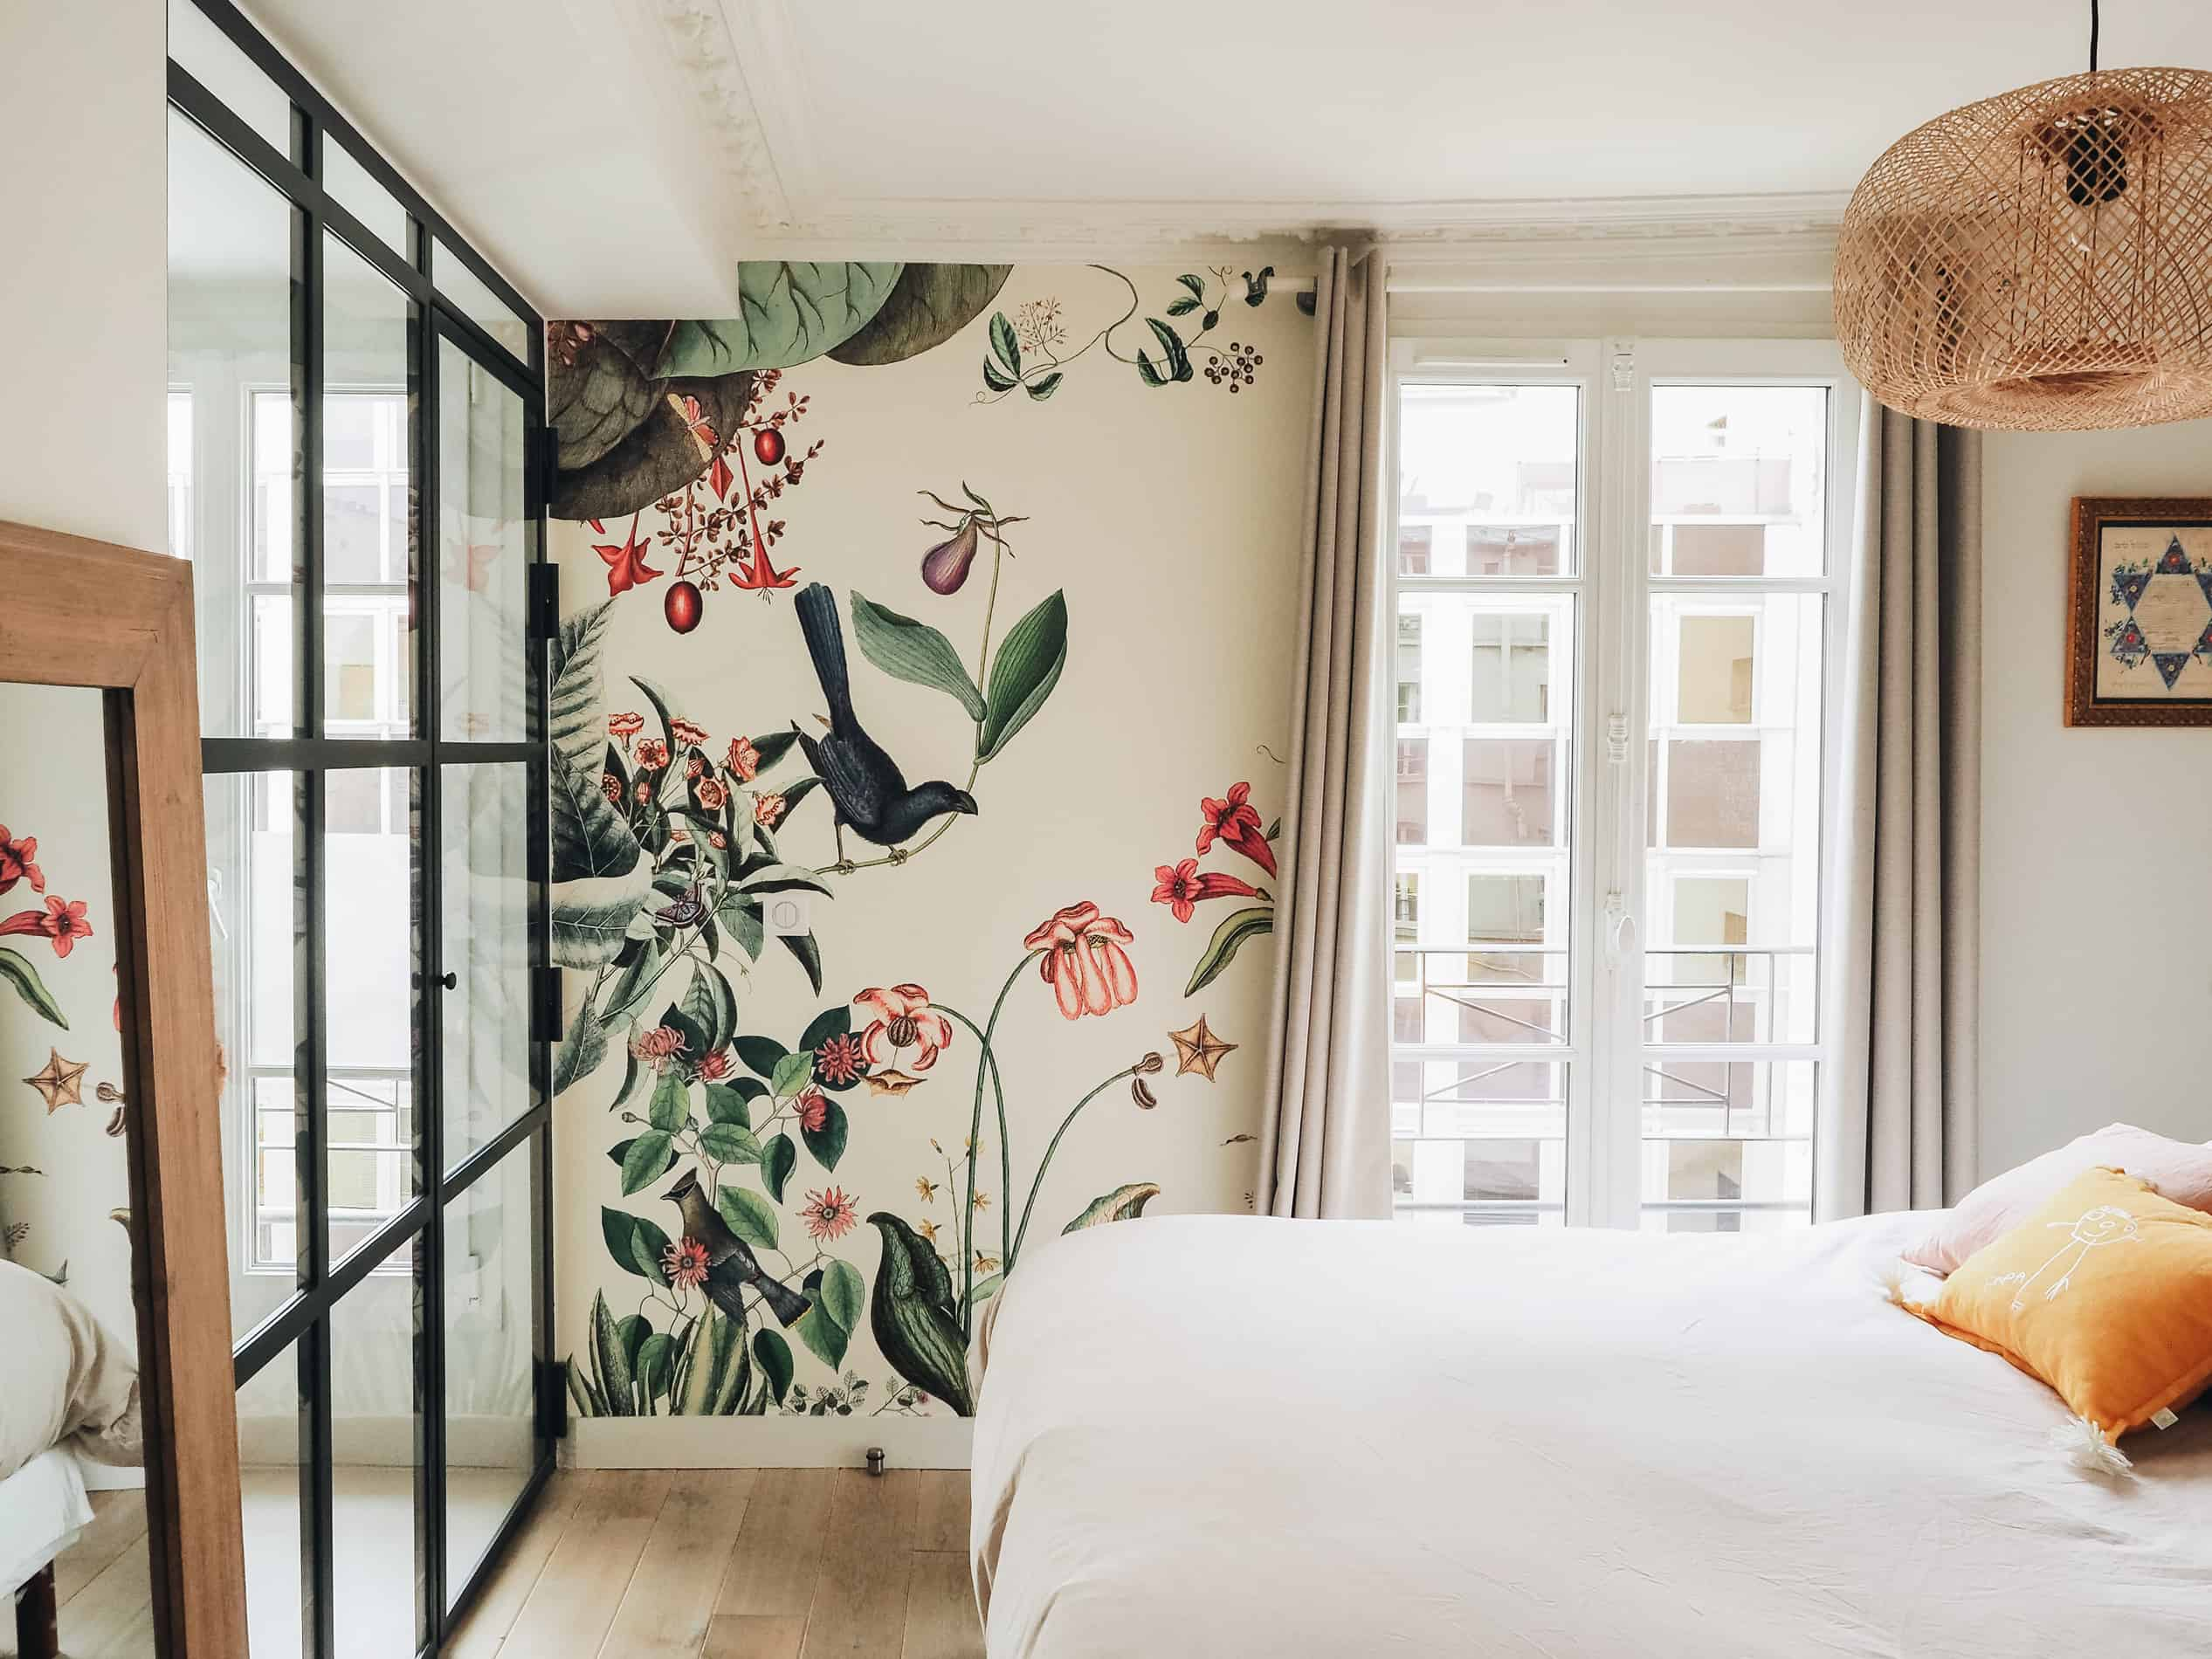 appartement boho vintage chambre parentale papier-peint bien fait  blog deco lili in wonderland